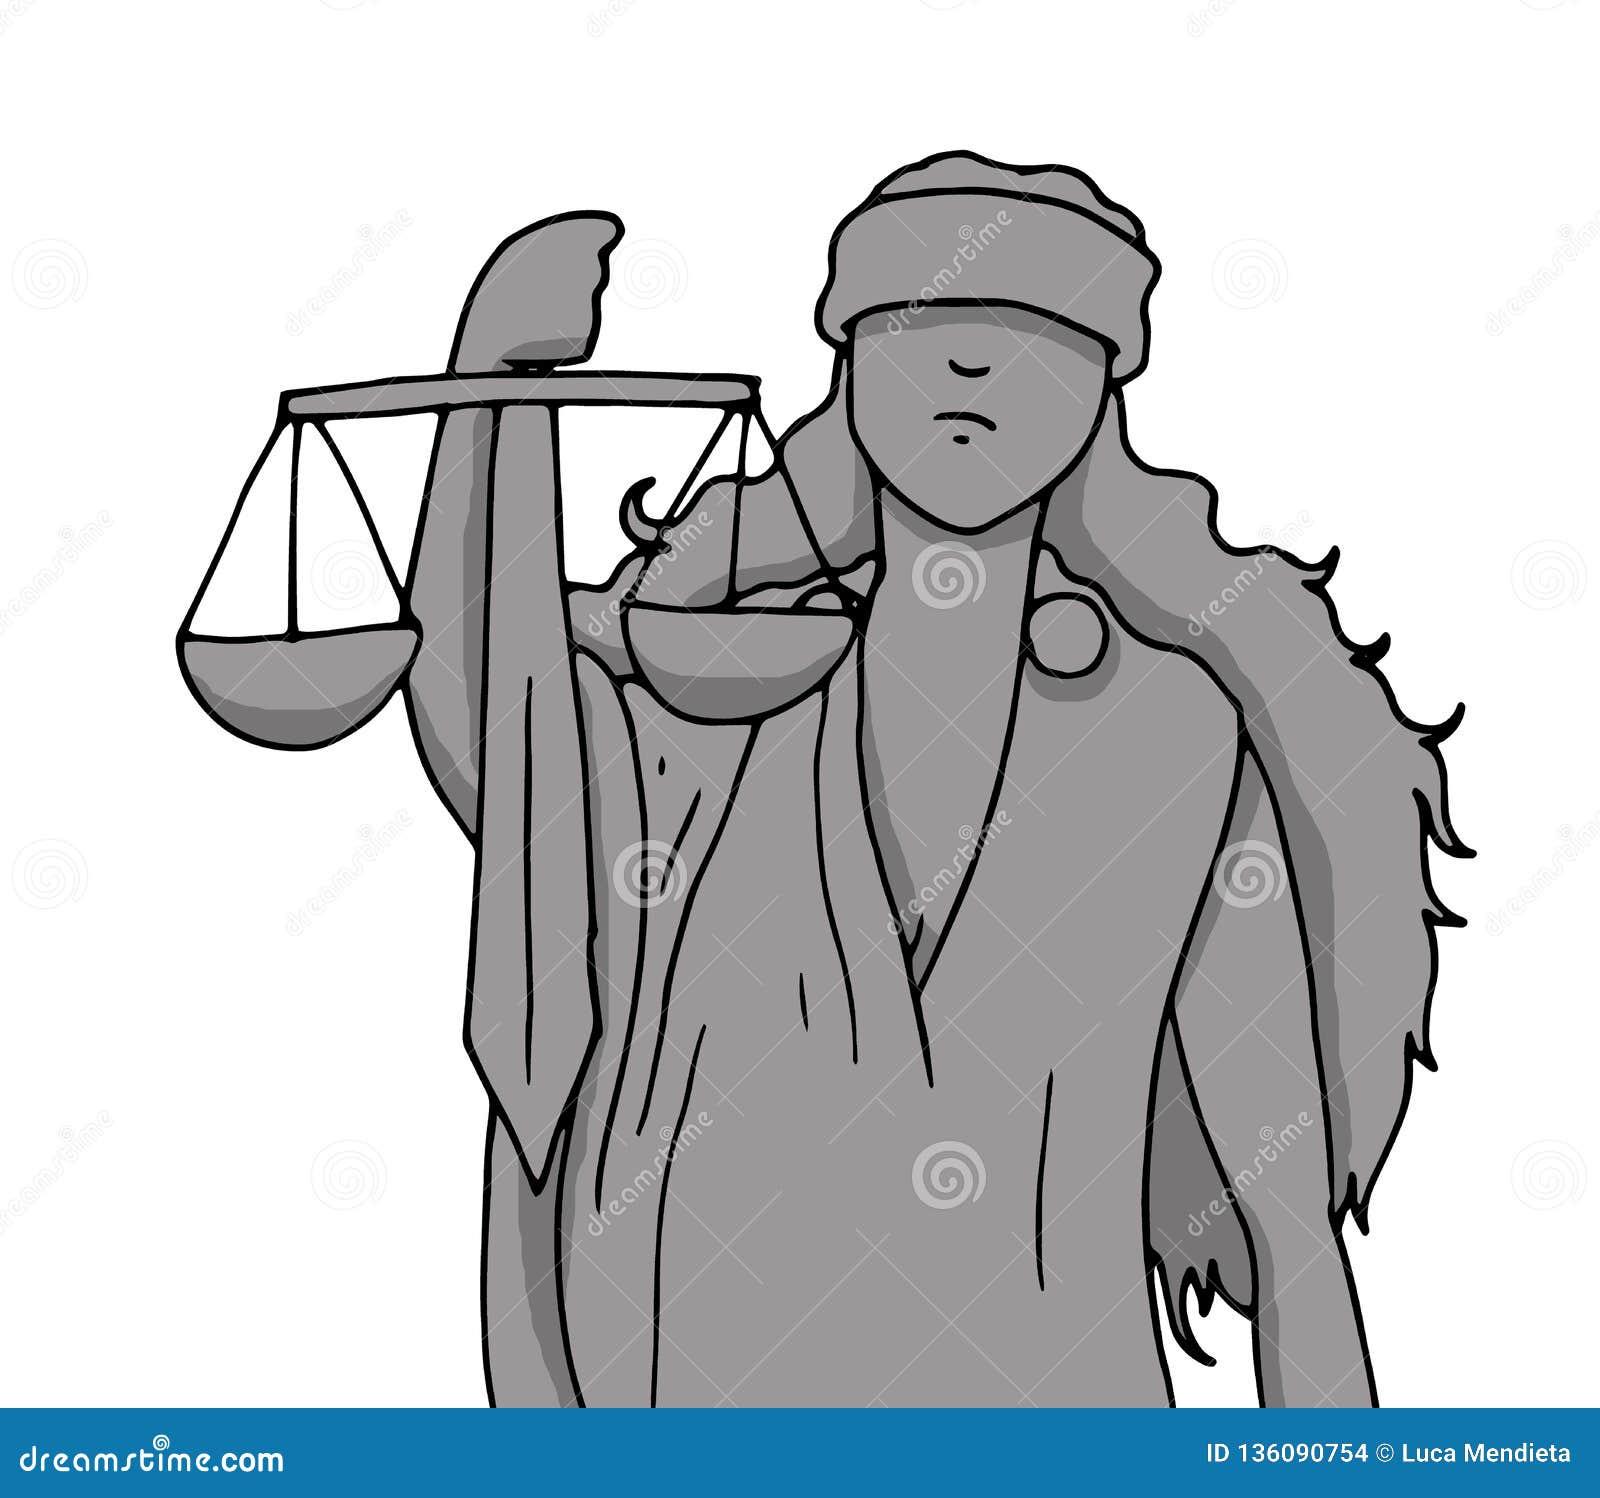 Illustration der Göttin von Gerechtigkeit mit dem Symbol der Balance und der Klinge gehalten mit ihrer Hand, während sie die Auge